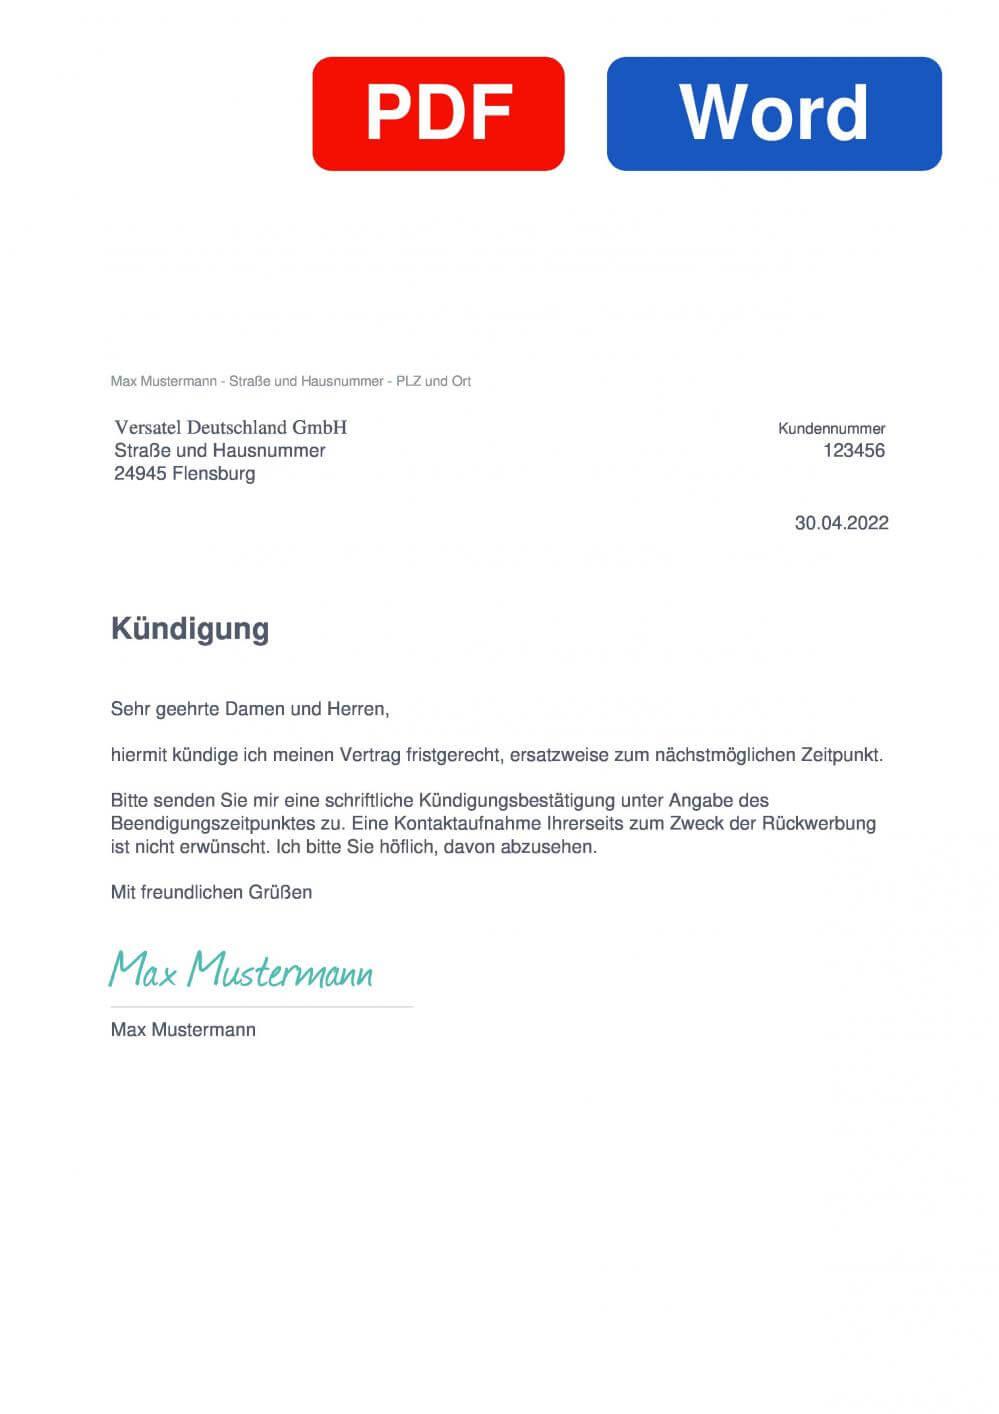 Versatel Muster Vorlage für Kündigungsschreiben